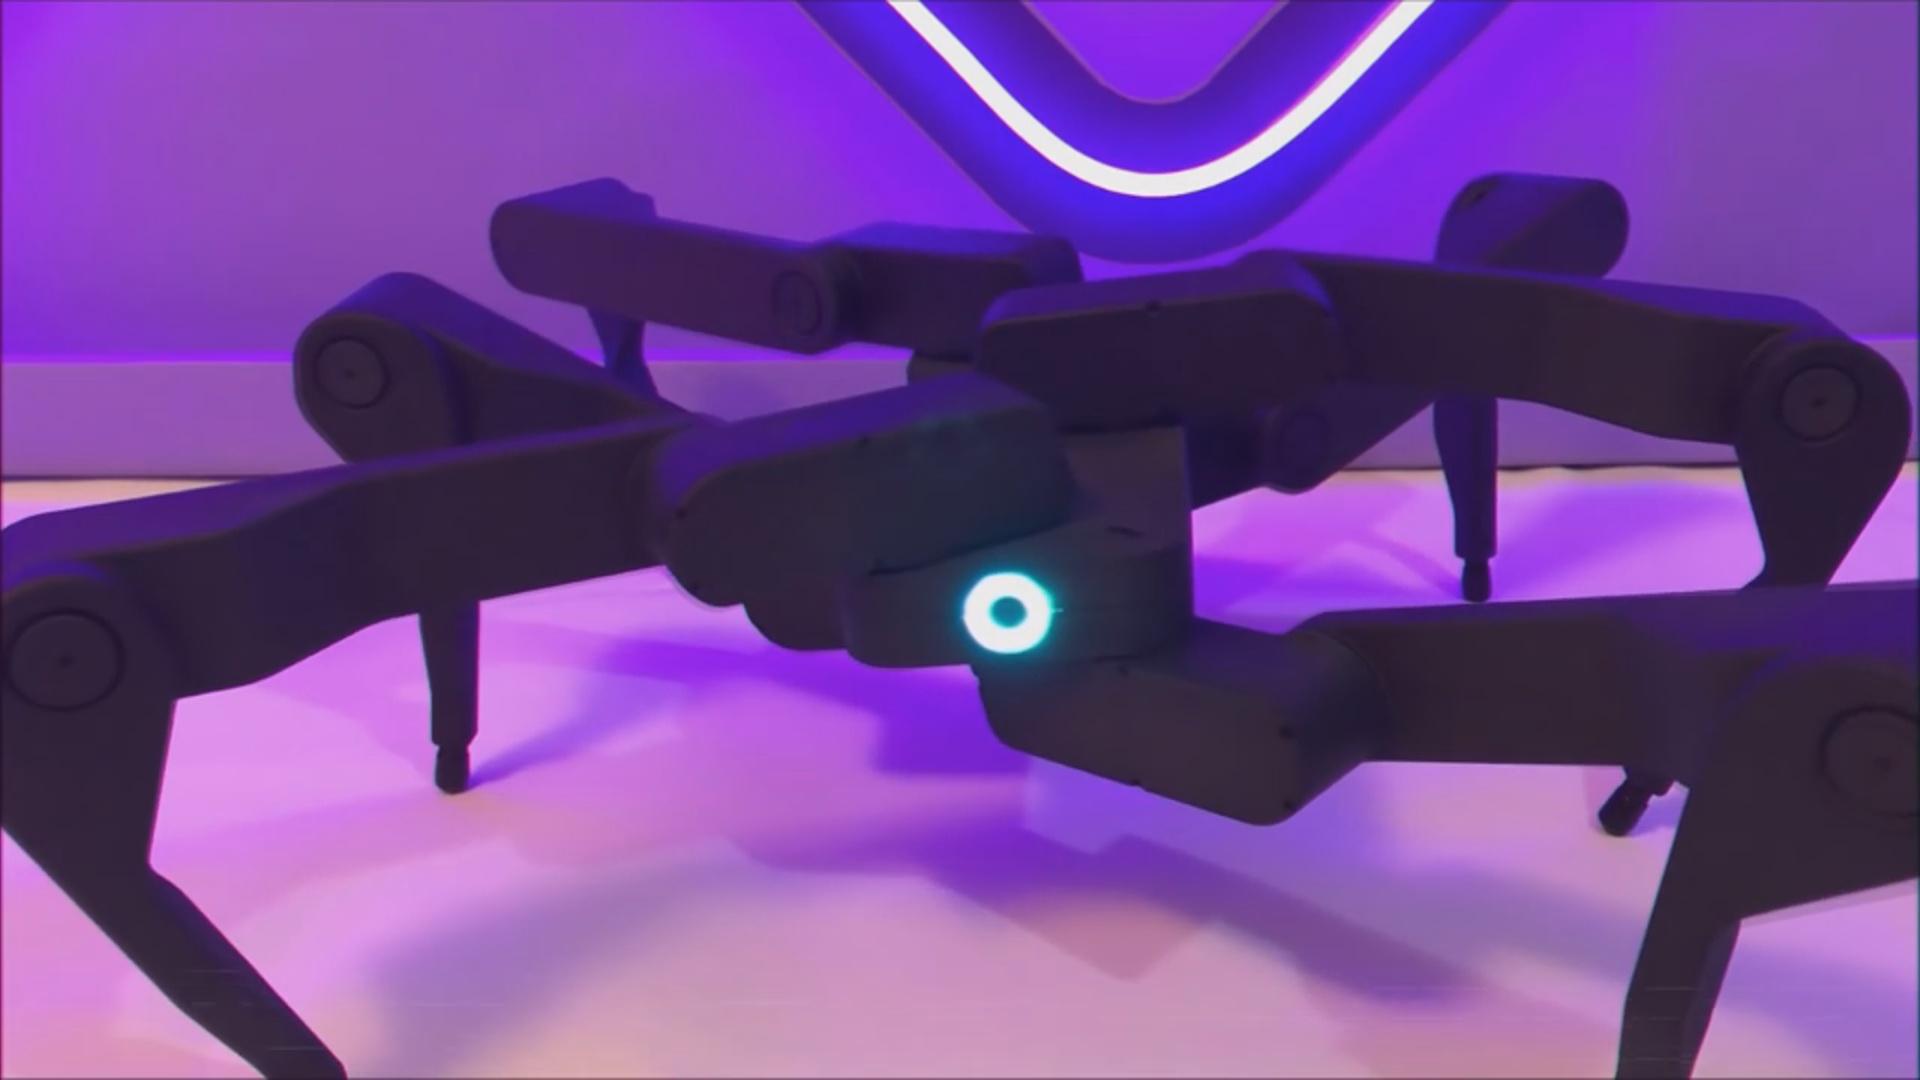 Robot-hörümçəyi məsafədən idarə etmək mümkündür